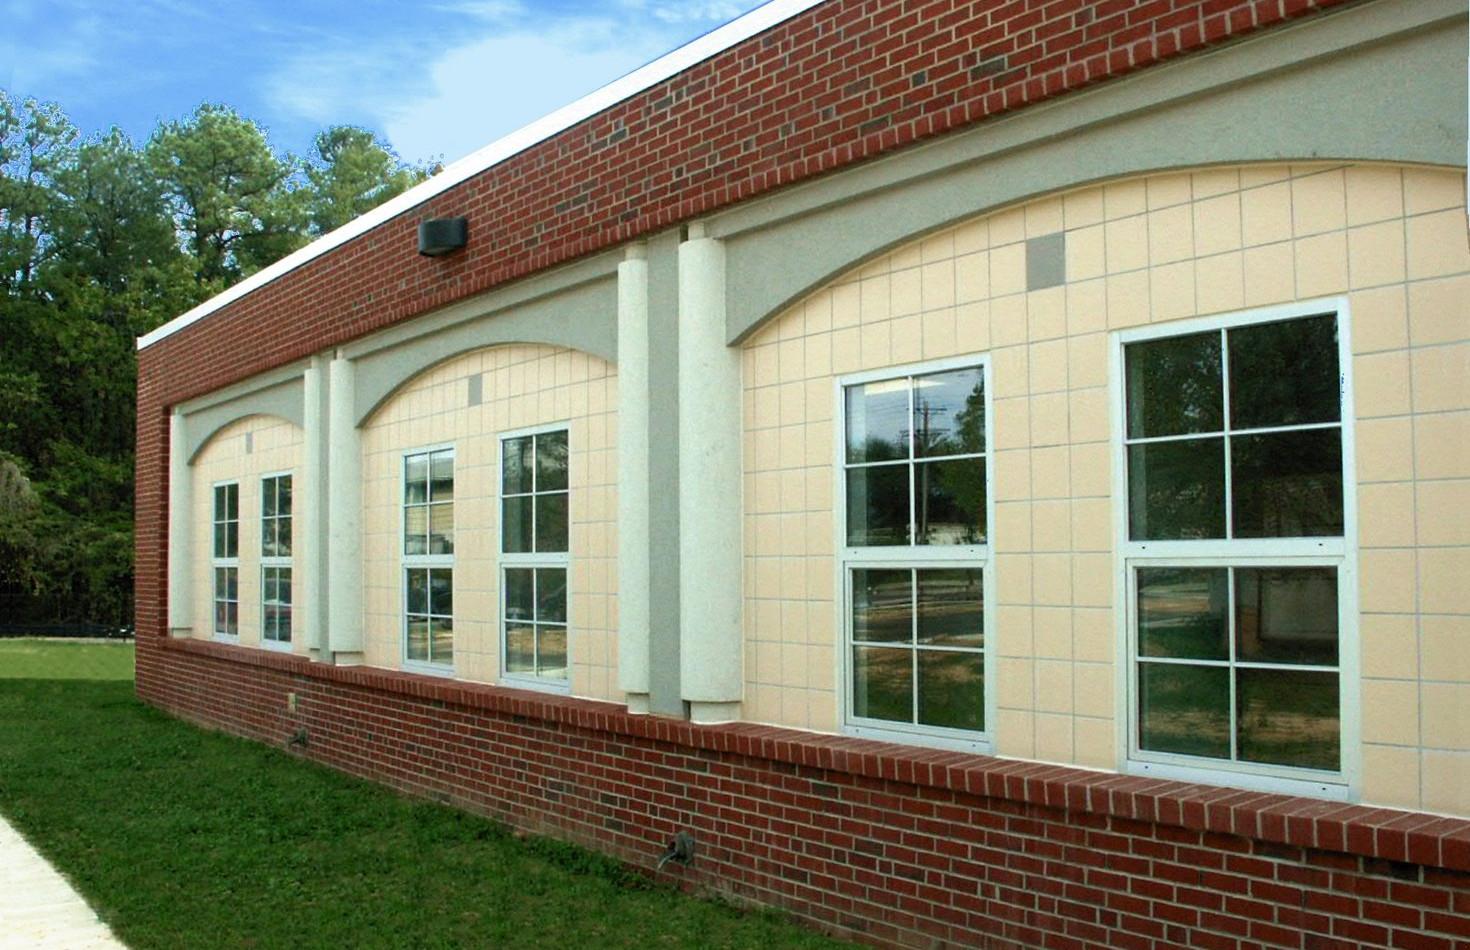 Lexington Park Elementary School - Exterior